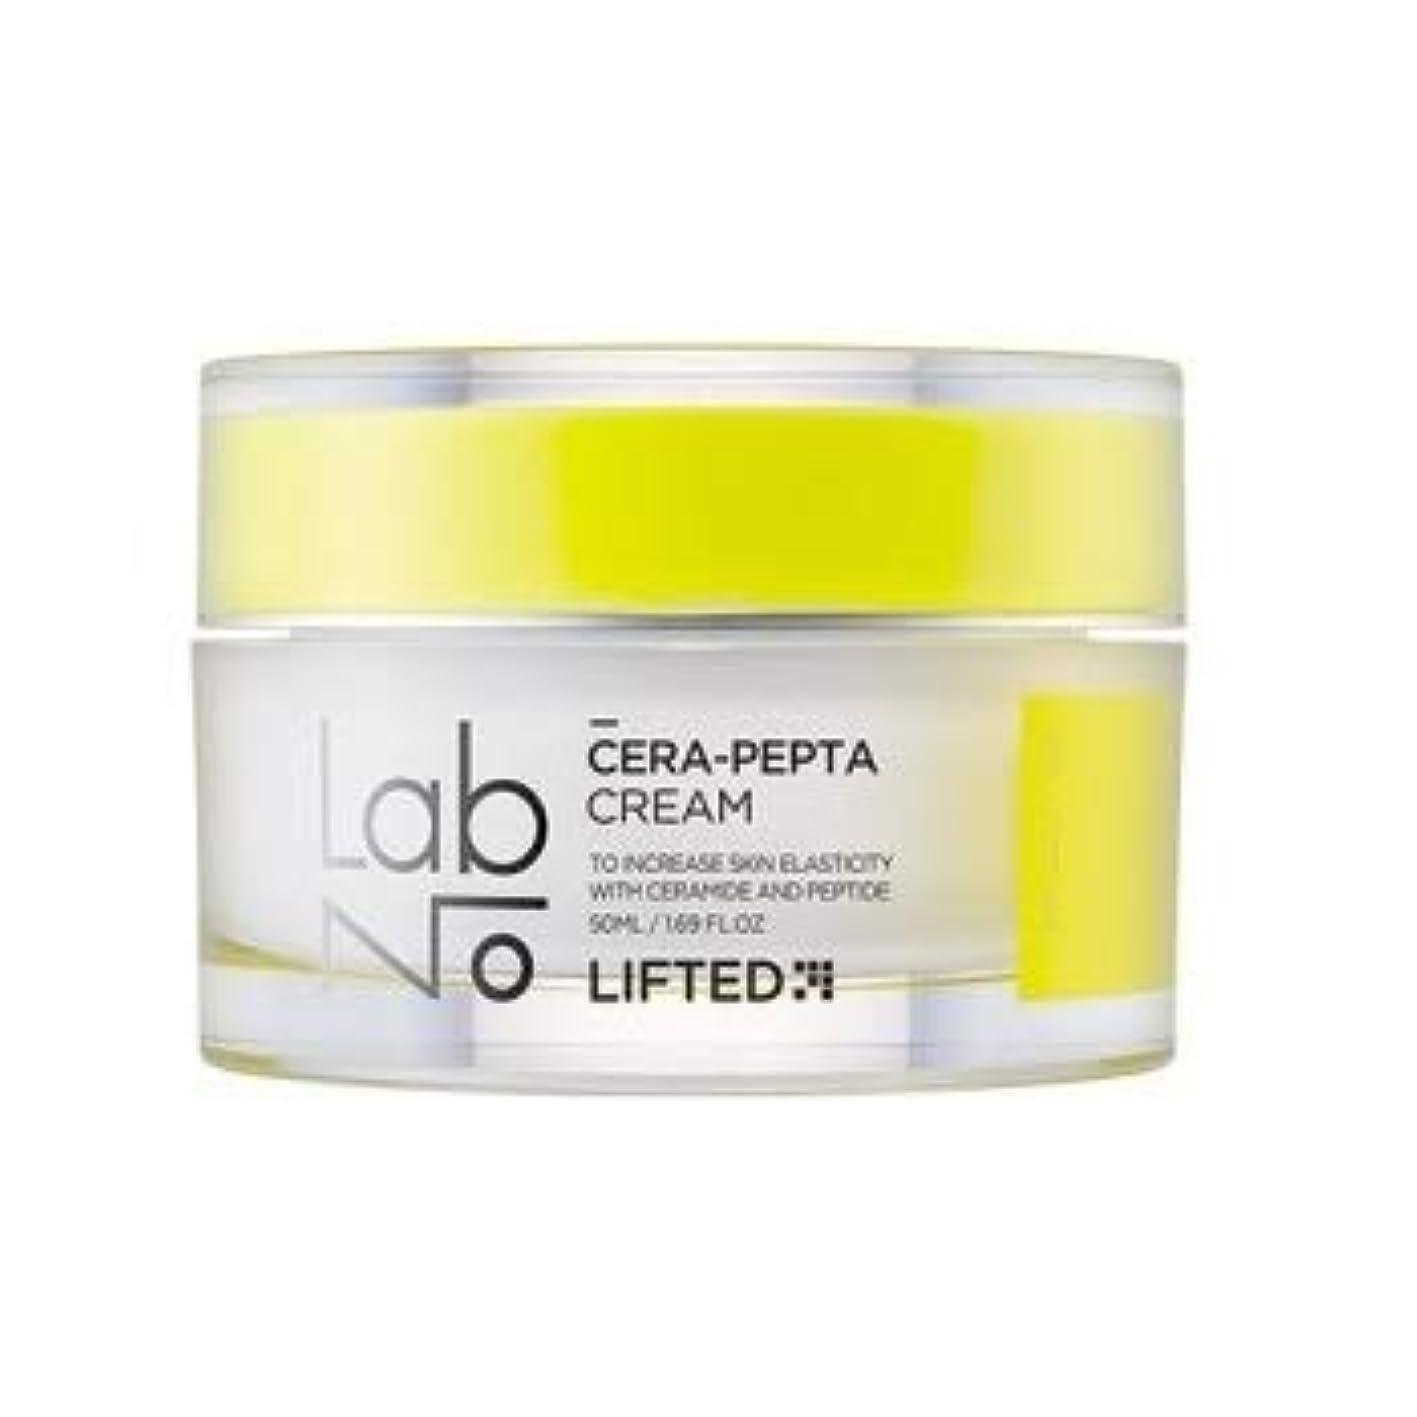 バッグ騒々しい代わりにを立てるLabNo リフテッド セラ-ペプタ クリーム / Lifted Sera-Pepta Cream (50ml) [並行輸入品]